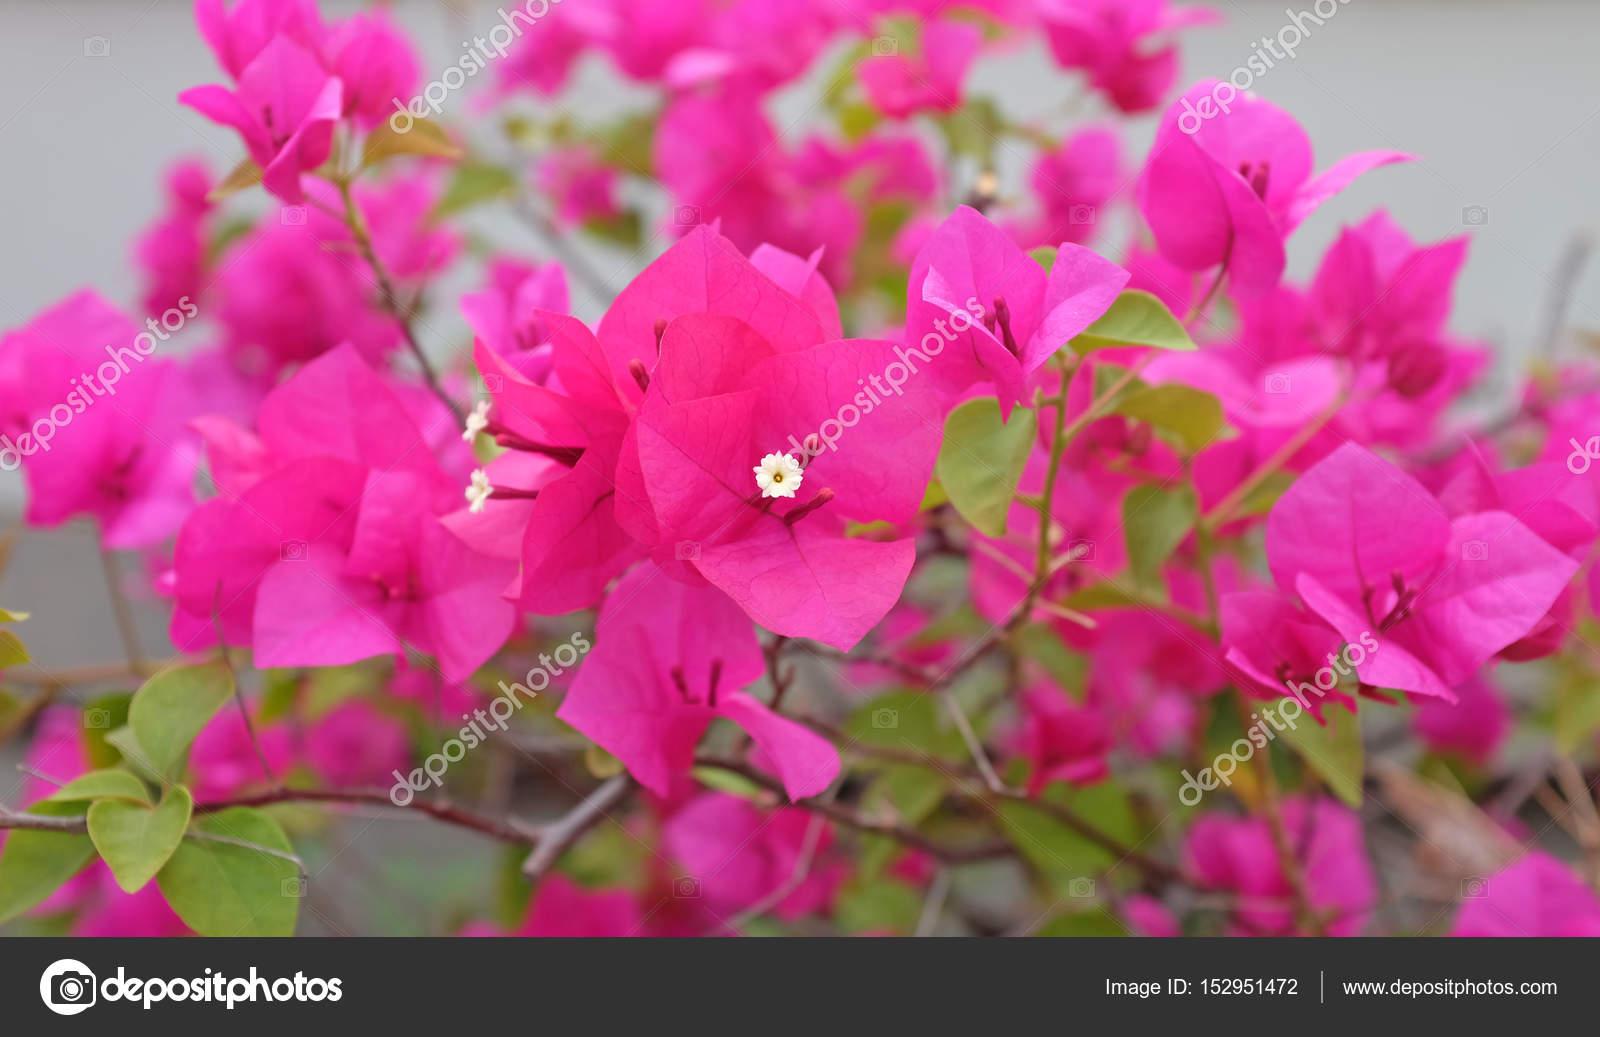 Bougainvillea paper flower in pink color against blur garden stock bougainvillea paper flower in pink color against blur garden photo by civicdmhotmail mightylinksfo